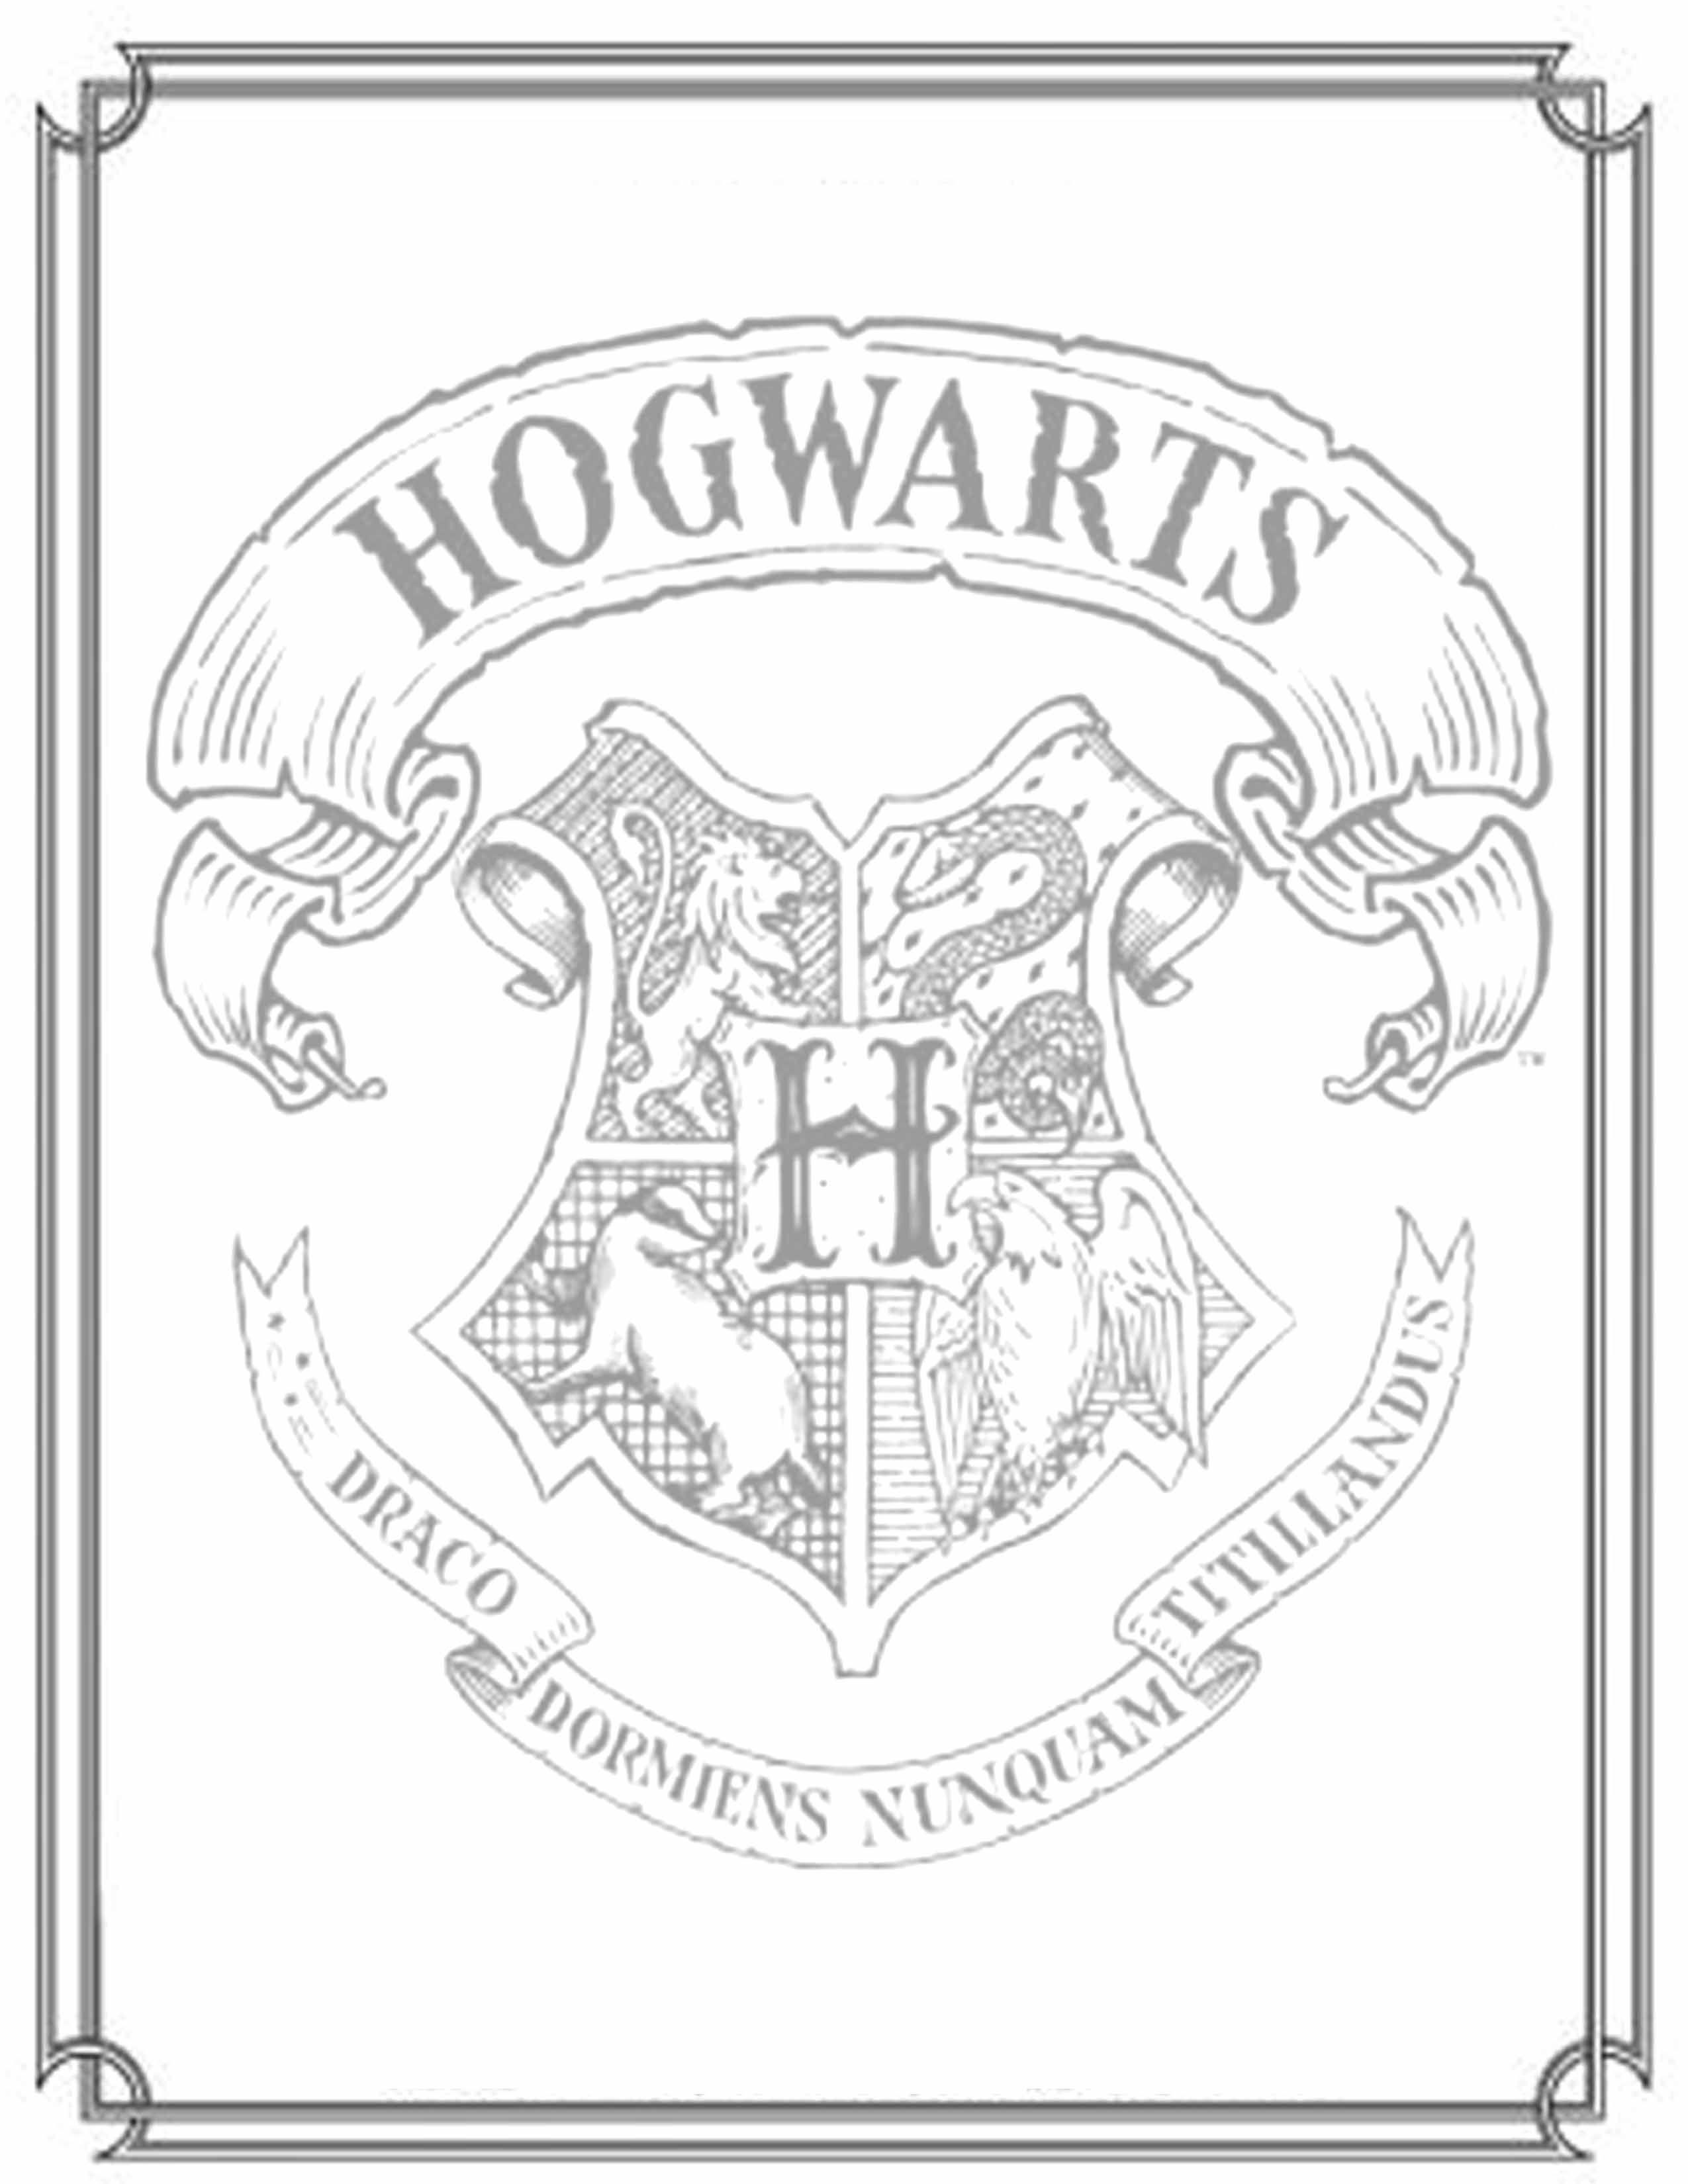 Hogwarts Crest Svg : hogwarts, crest, Joana, Hogwarts, Harry, Potter, Coloring, Pages,, Colors,, Crafts